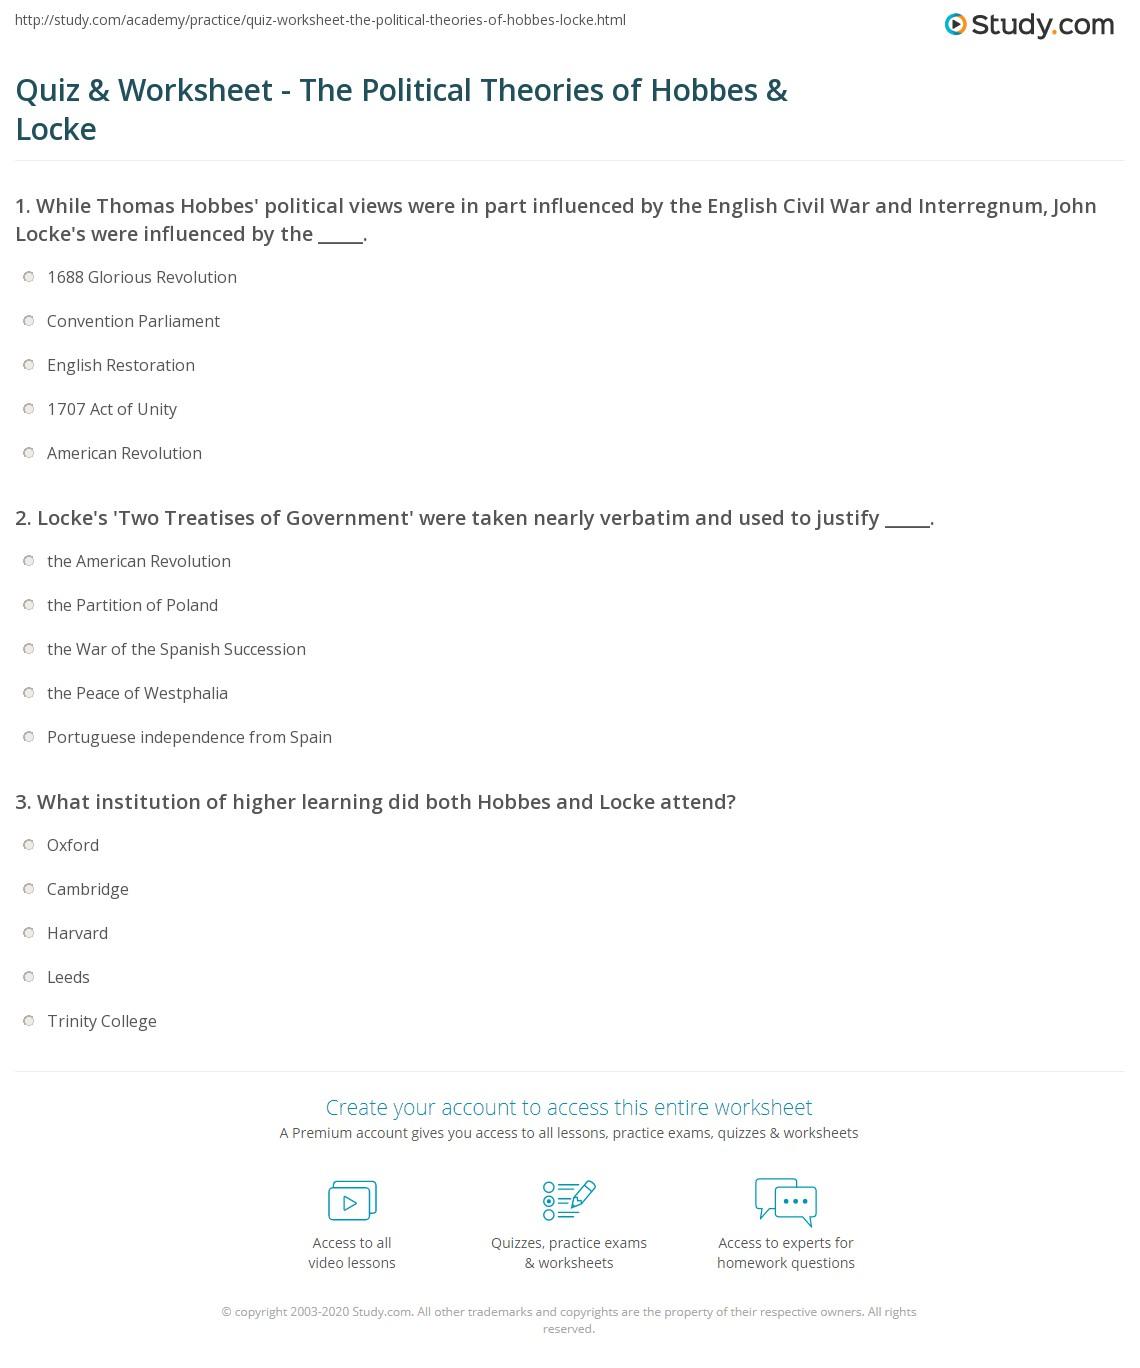 Quiz & Worksheet - The Political Theories of Hobbes & Locke ...